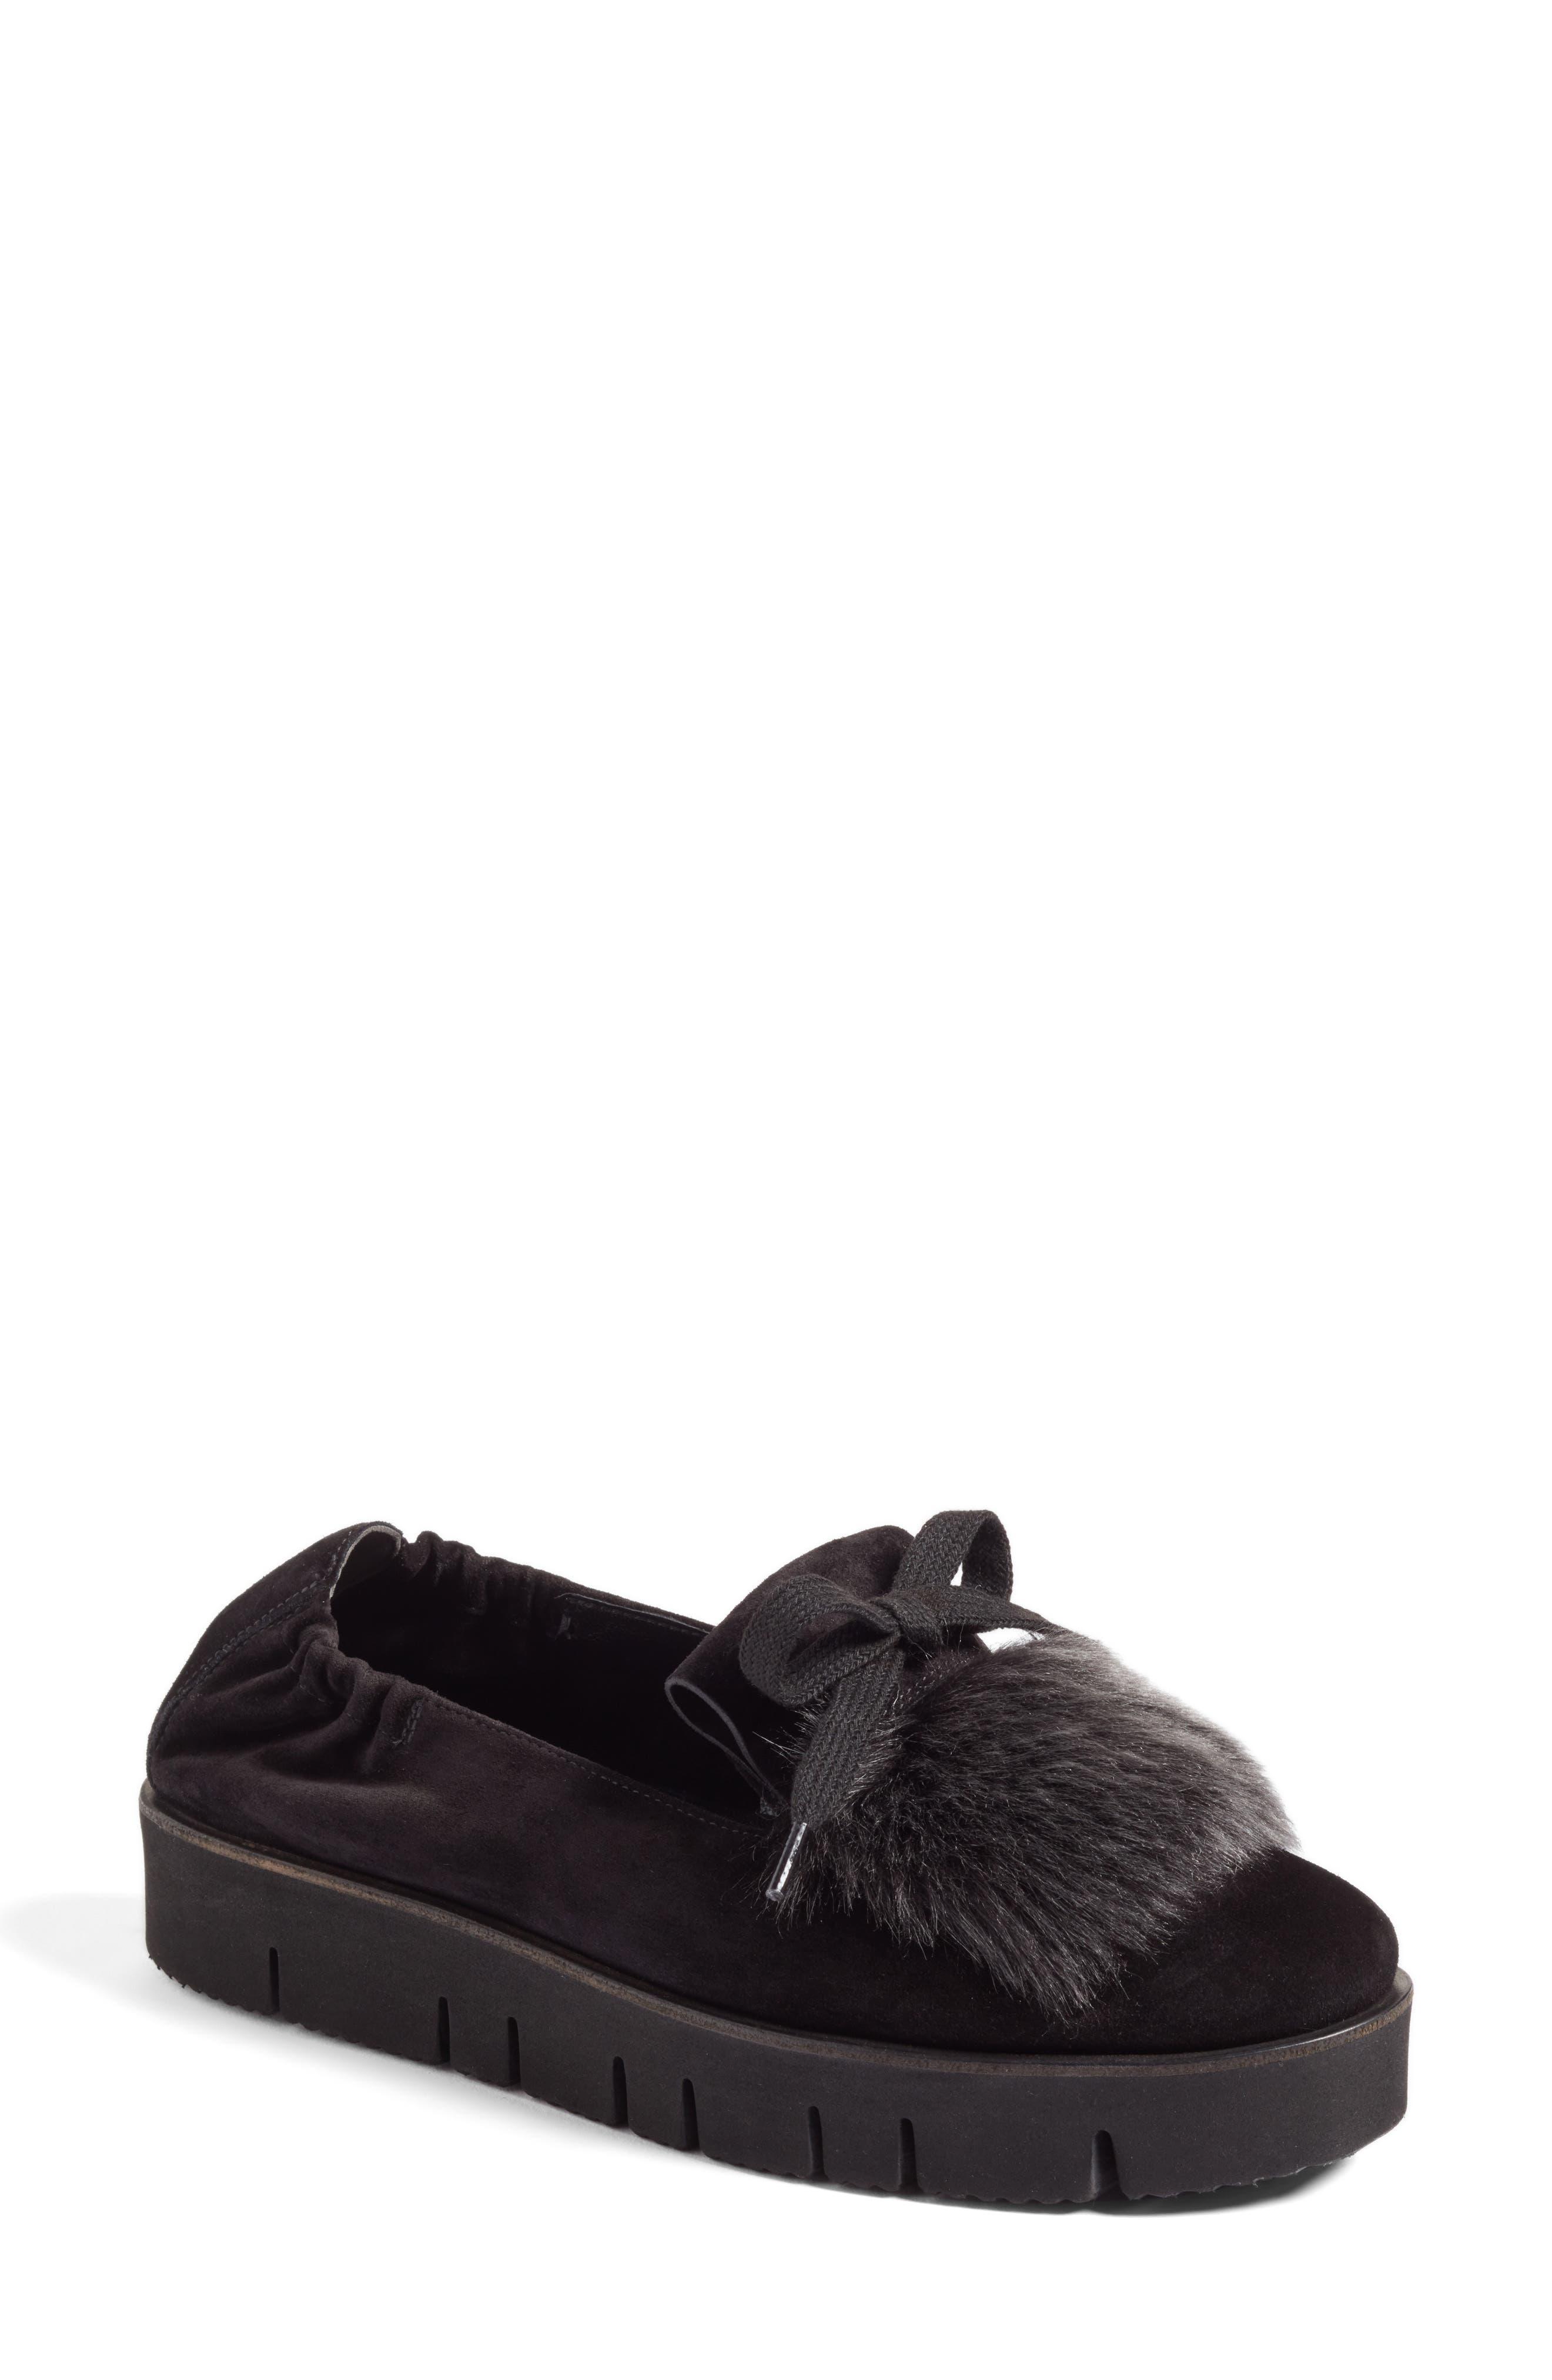 Kennel & Schmenger Malu Suede & Genuine Shearling Slip-On Sneaker,                         Main,                         color, 001